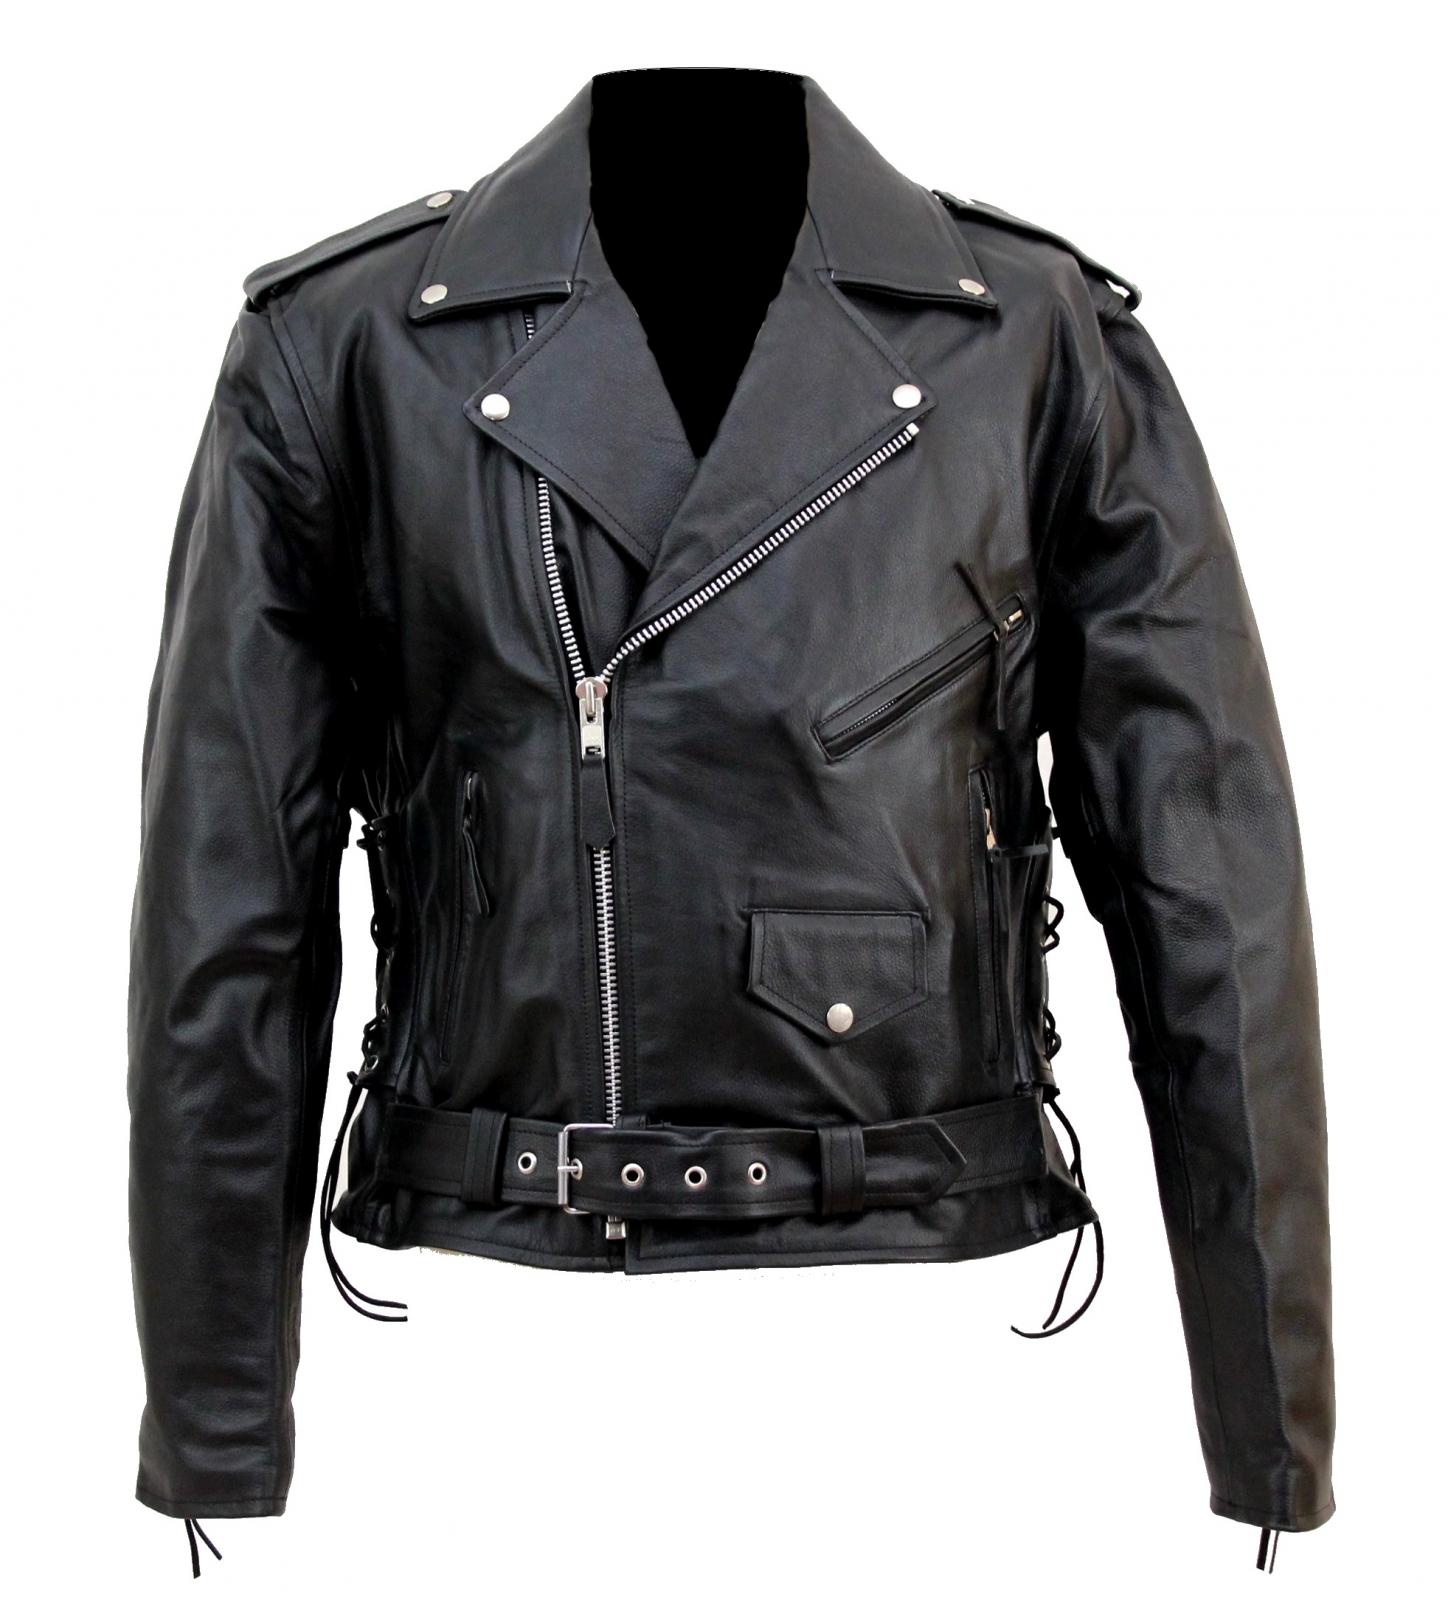 kc020a blouson perfecto cuir blouson veste mode loisir. Black Bedroom Furniture Sets. Home Design Ideas